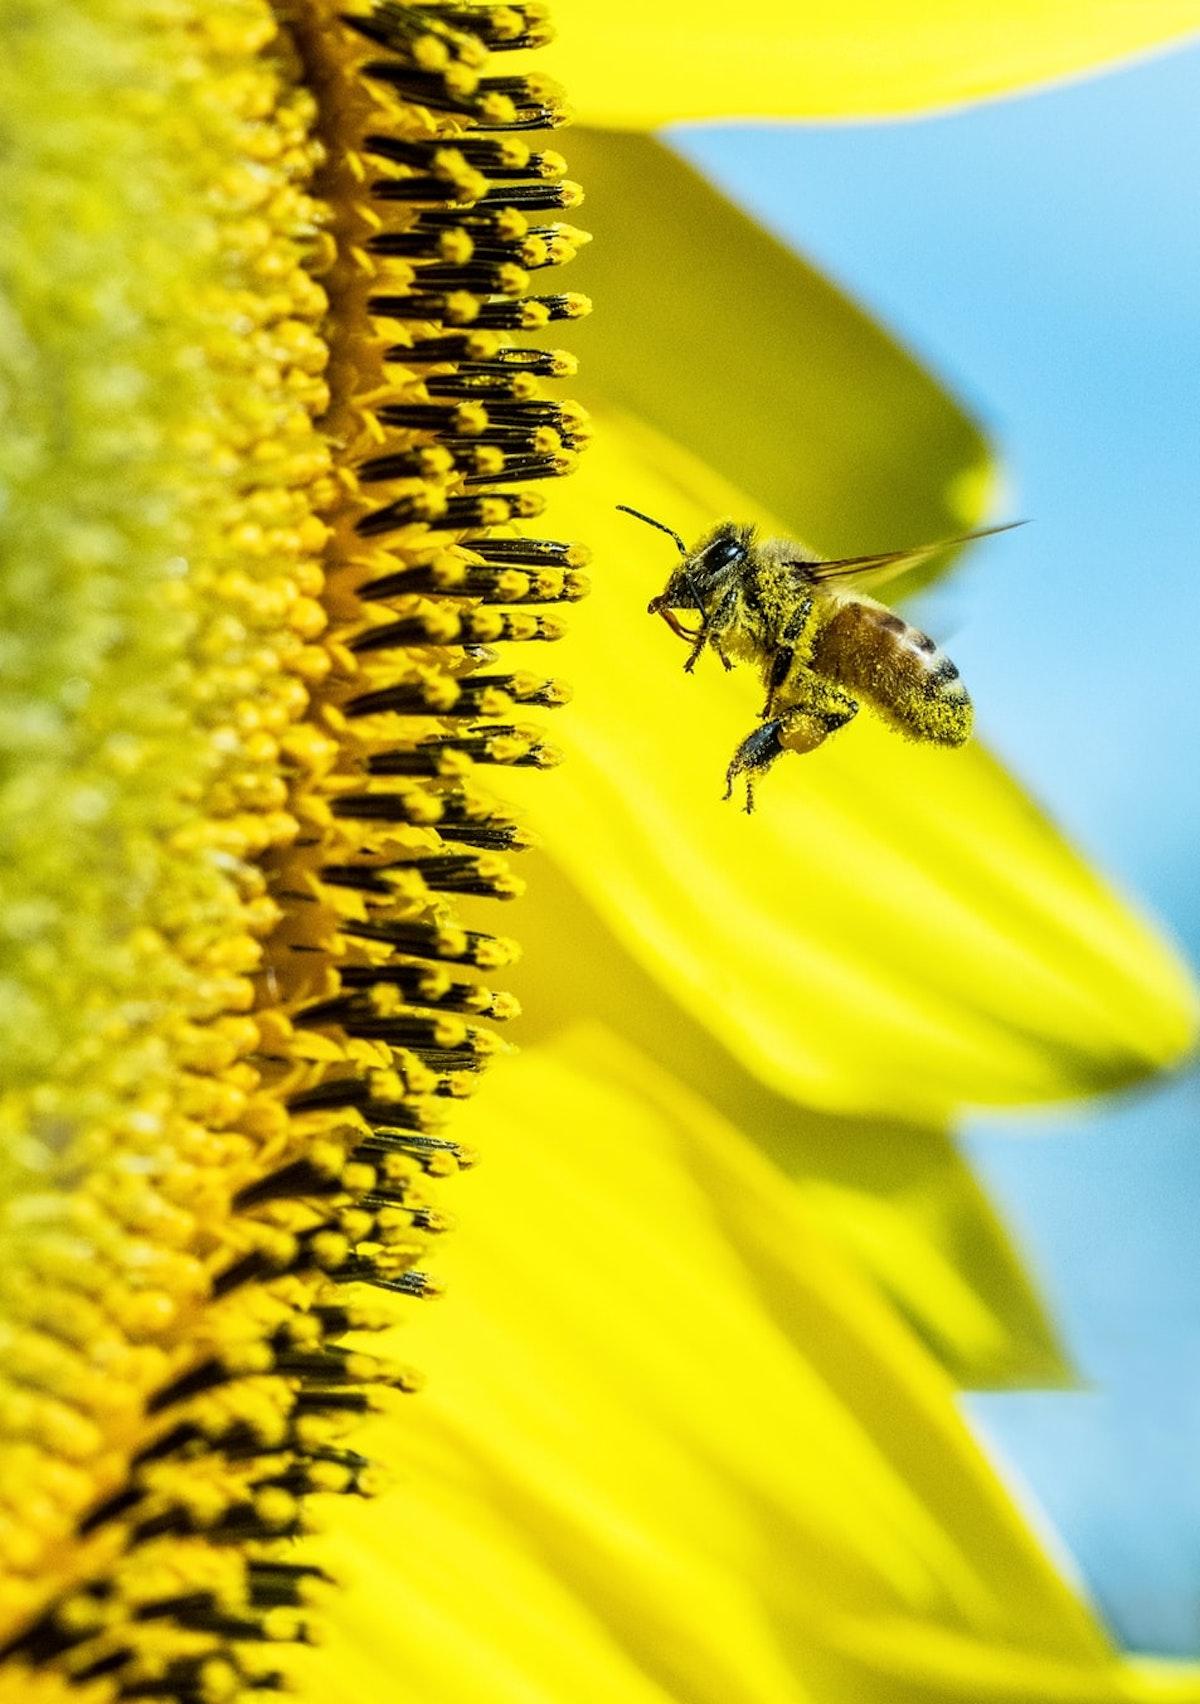 bee abeille pollen cire d abeille tournesol récolte - blog déco - clemaroundthecorner